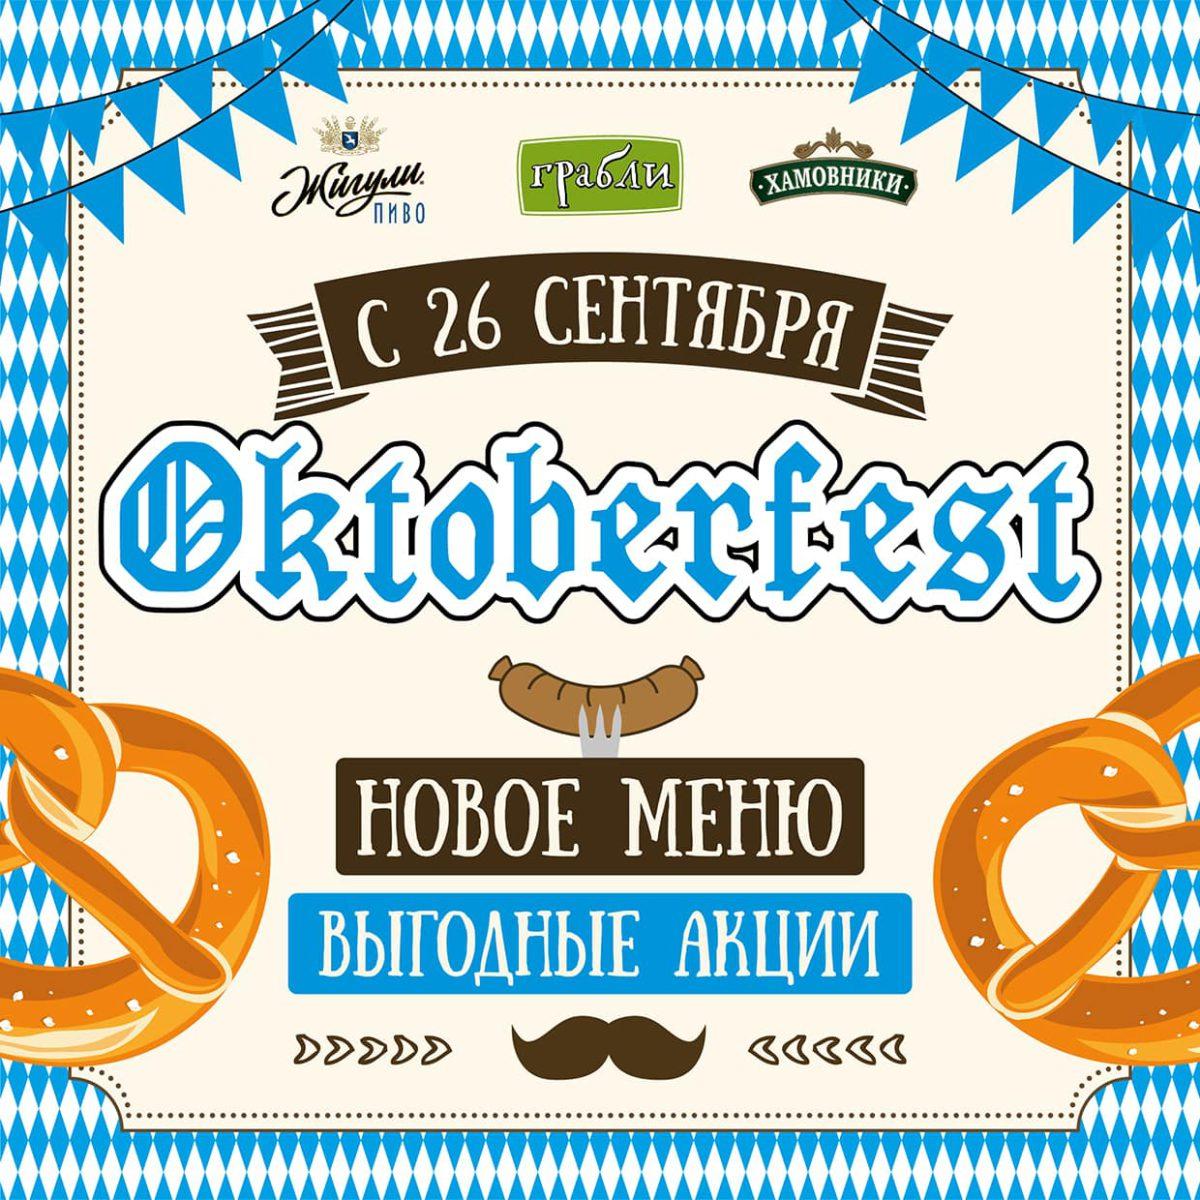 Спешим пригласить вас на фестиваль «Октоберфест»!